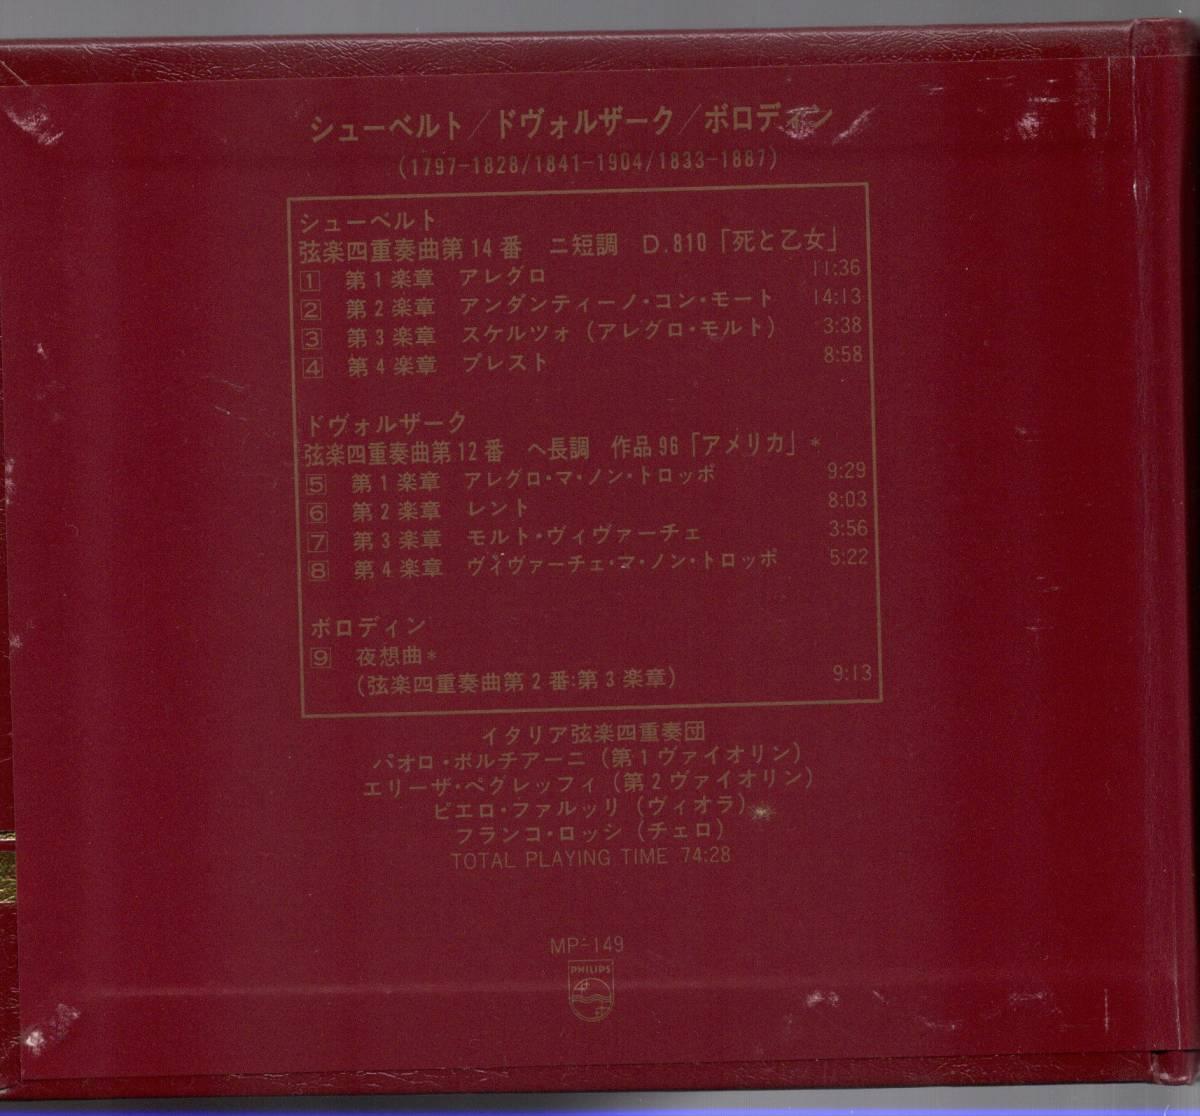 CD シューベルト:弦楽四重奏曲「死と乙女」 ドヴォルザーク:弦楽四重奏曲「アメリカ」 他 イタリア弦楽四重奏団_画像2